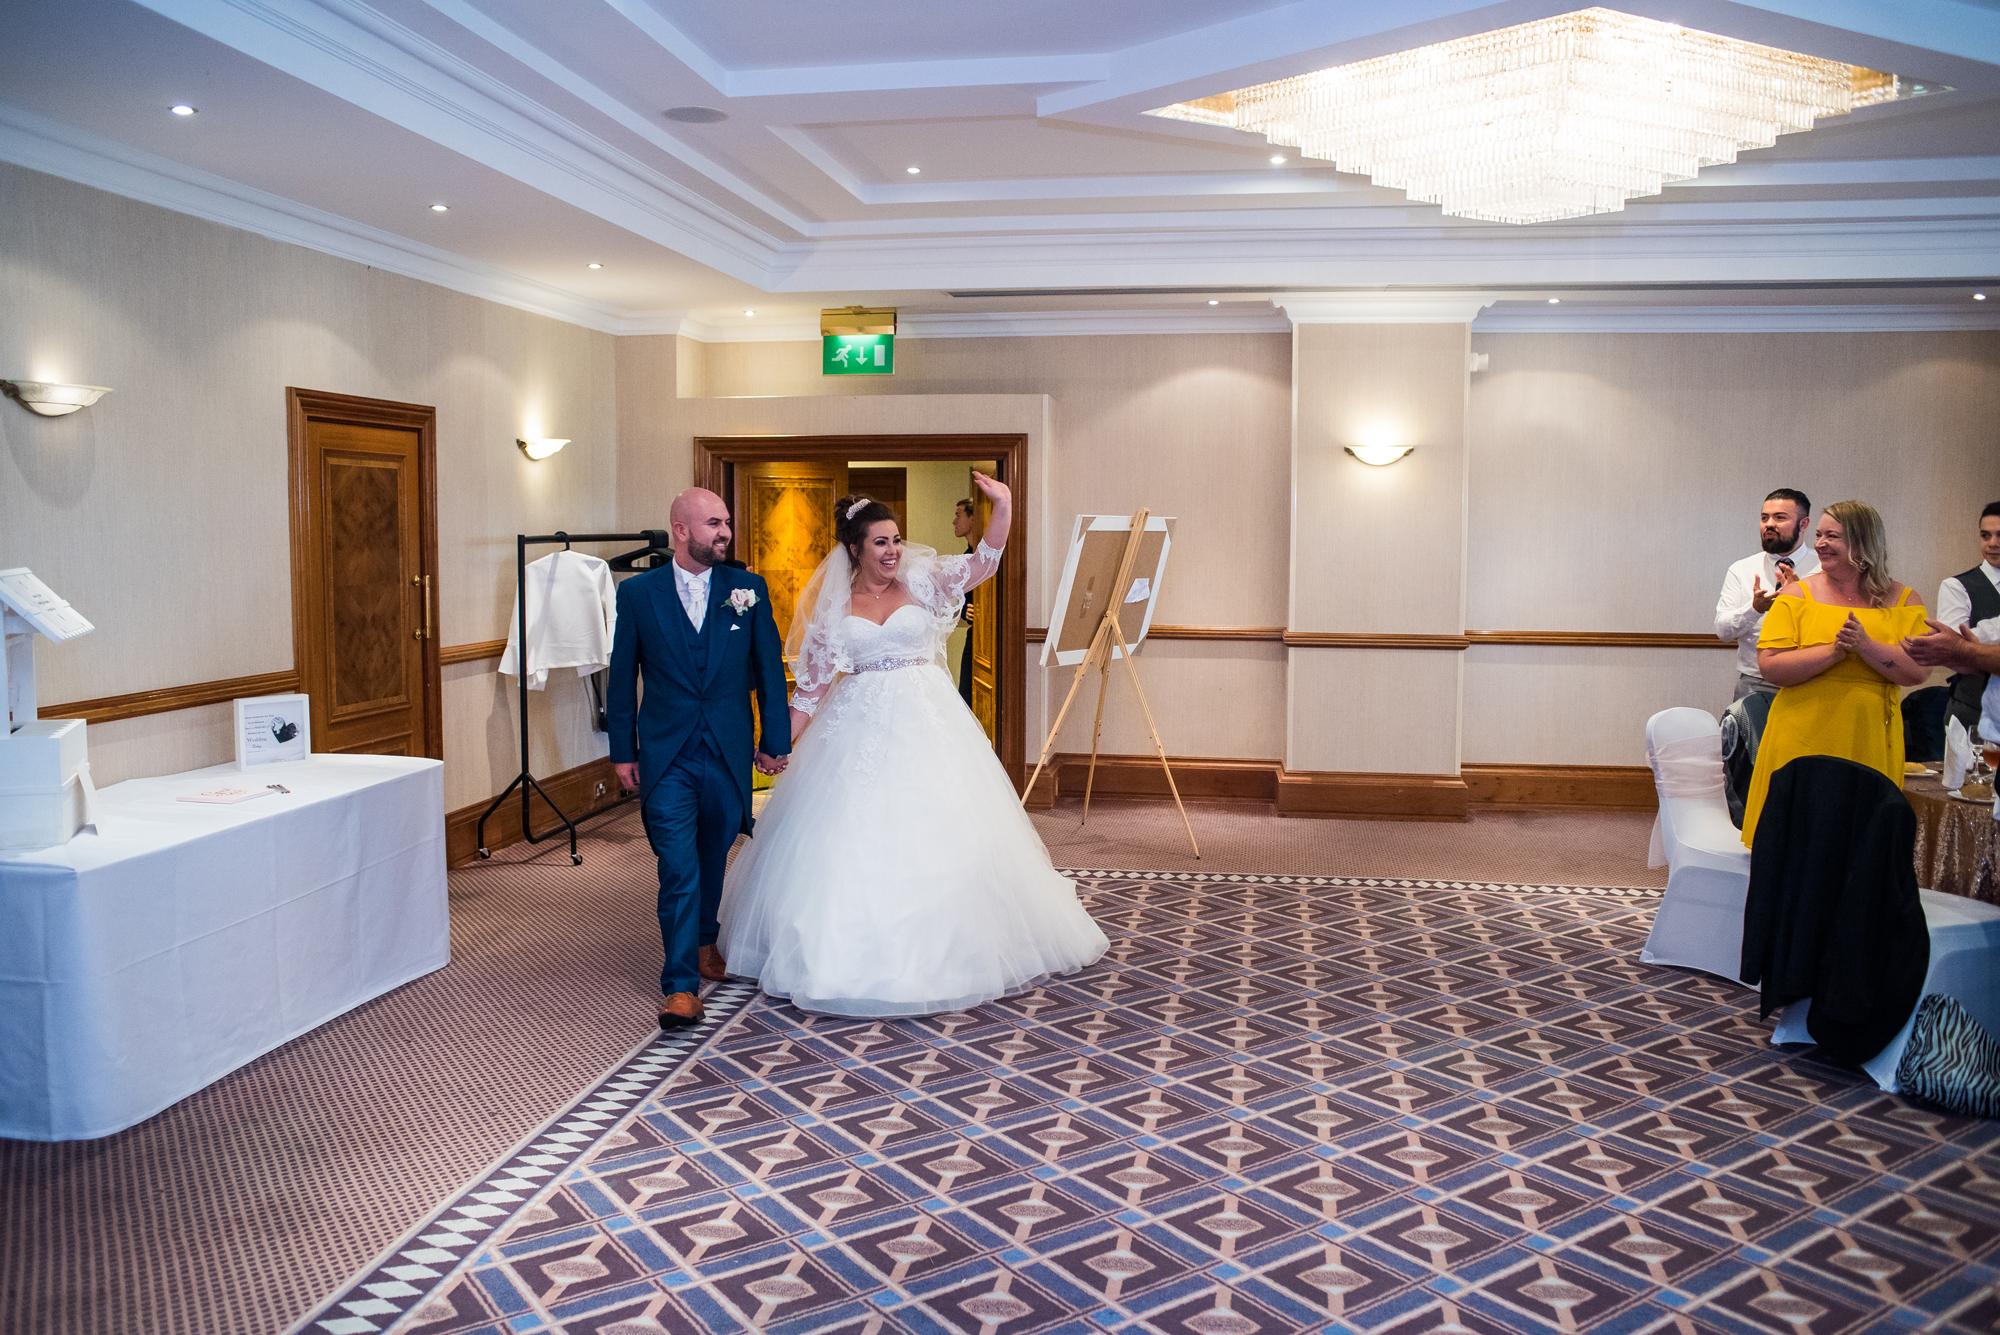 Roise and John wedding photos (262 of 383).jpg